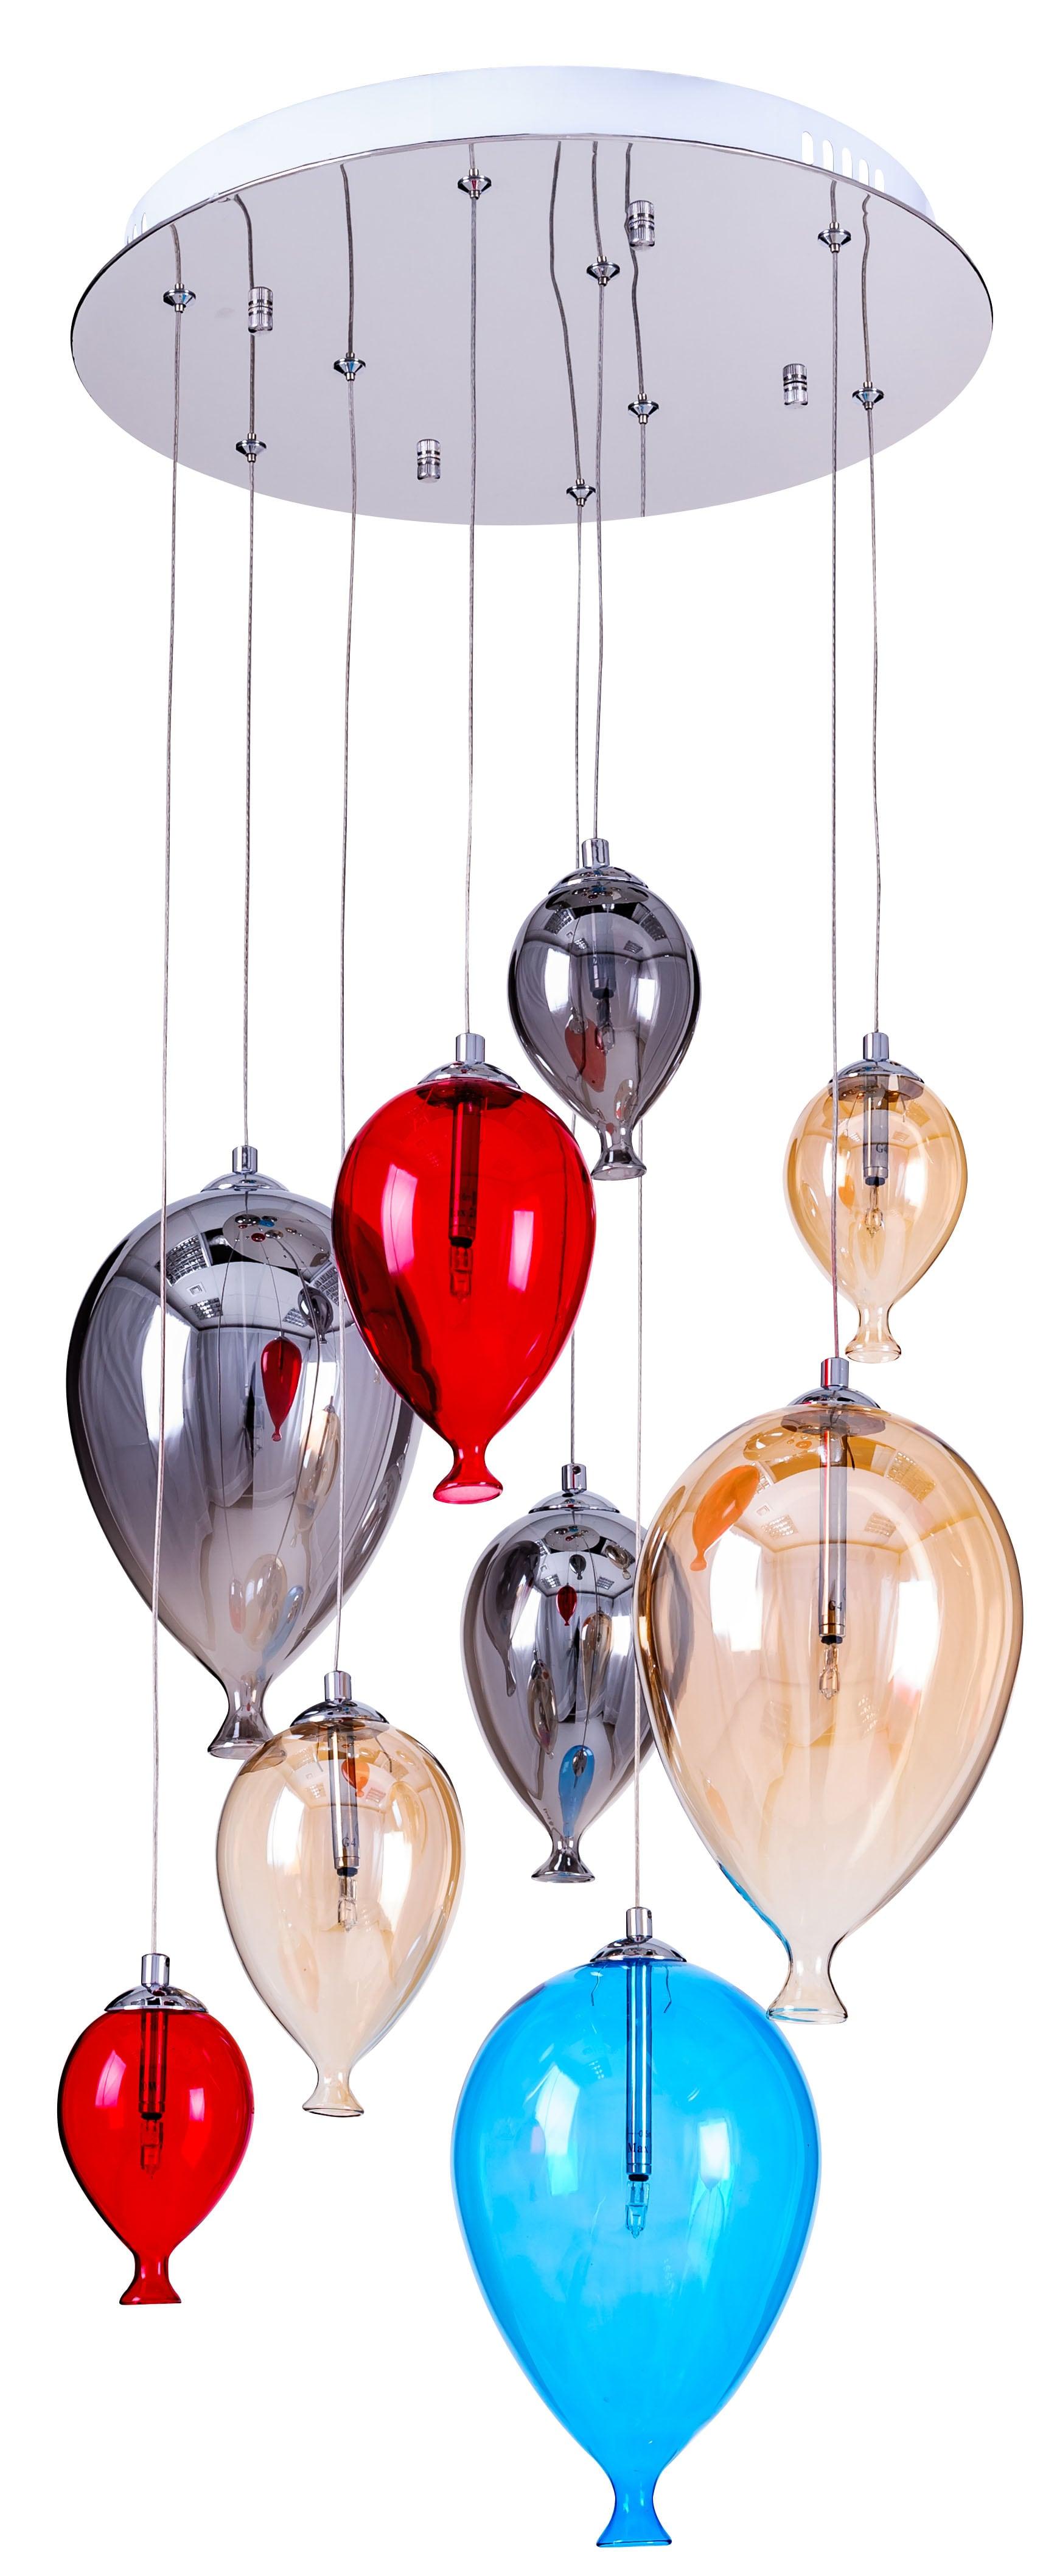 lampa dětské závěsné balóny - Balón vícebarevný 160cm / 40cm 9xG4 20W